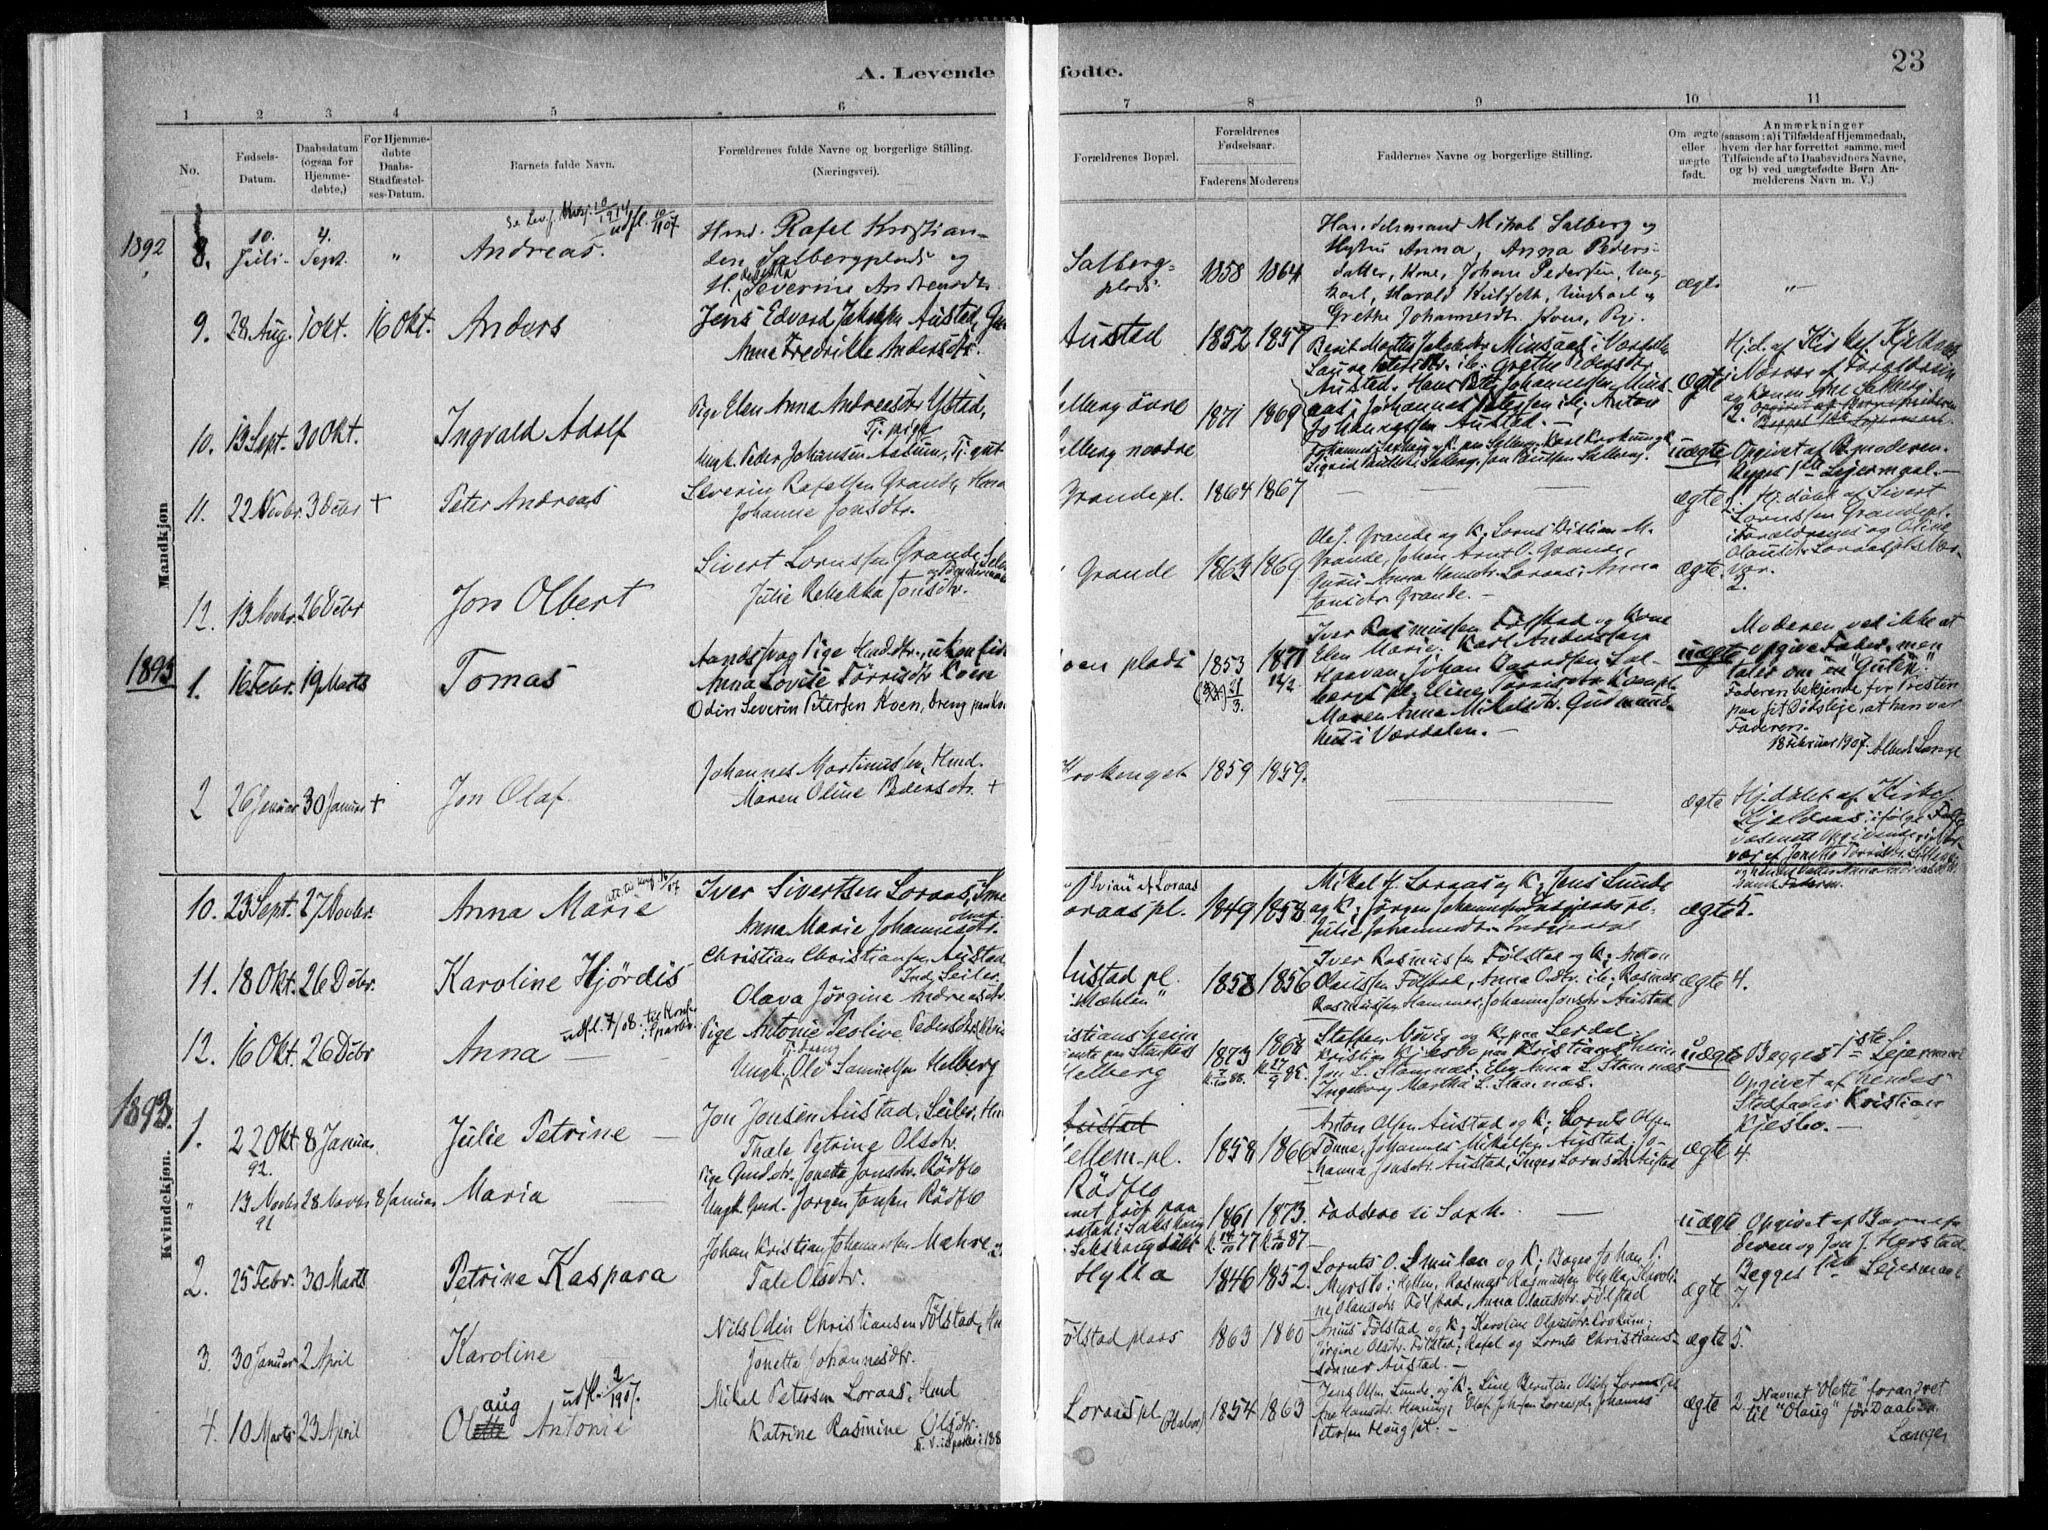 SAT, Ministerialprotokoller, klokkerbøker og fødselsregistre - Nord-Trøndelag, 731/L0309: Ministerialbok nr. 731A01, 1879-1918, s. 23